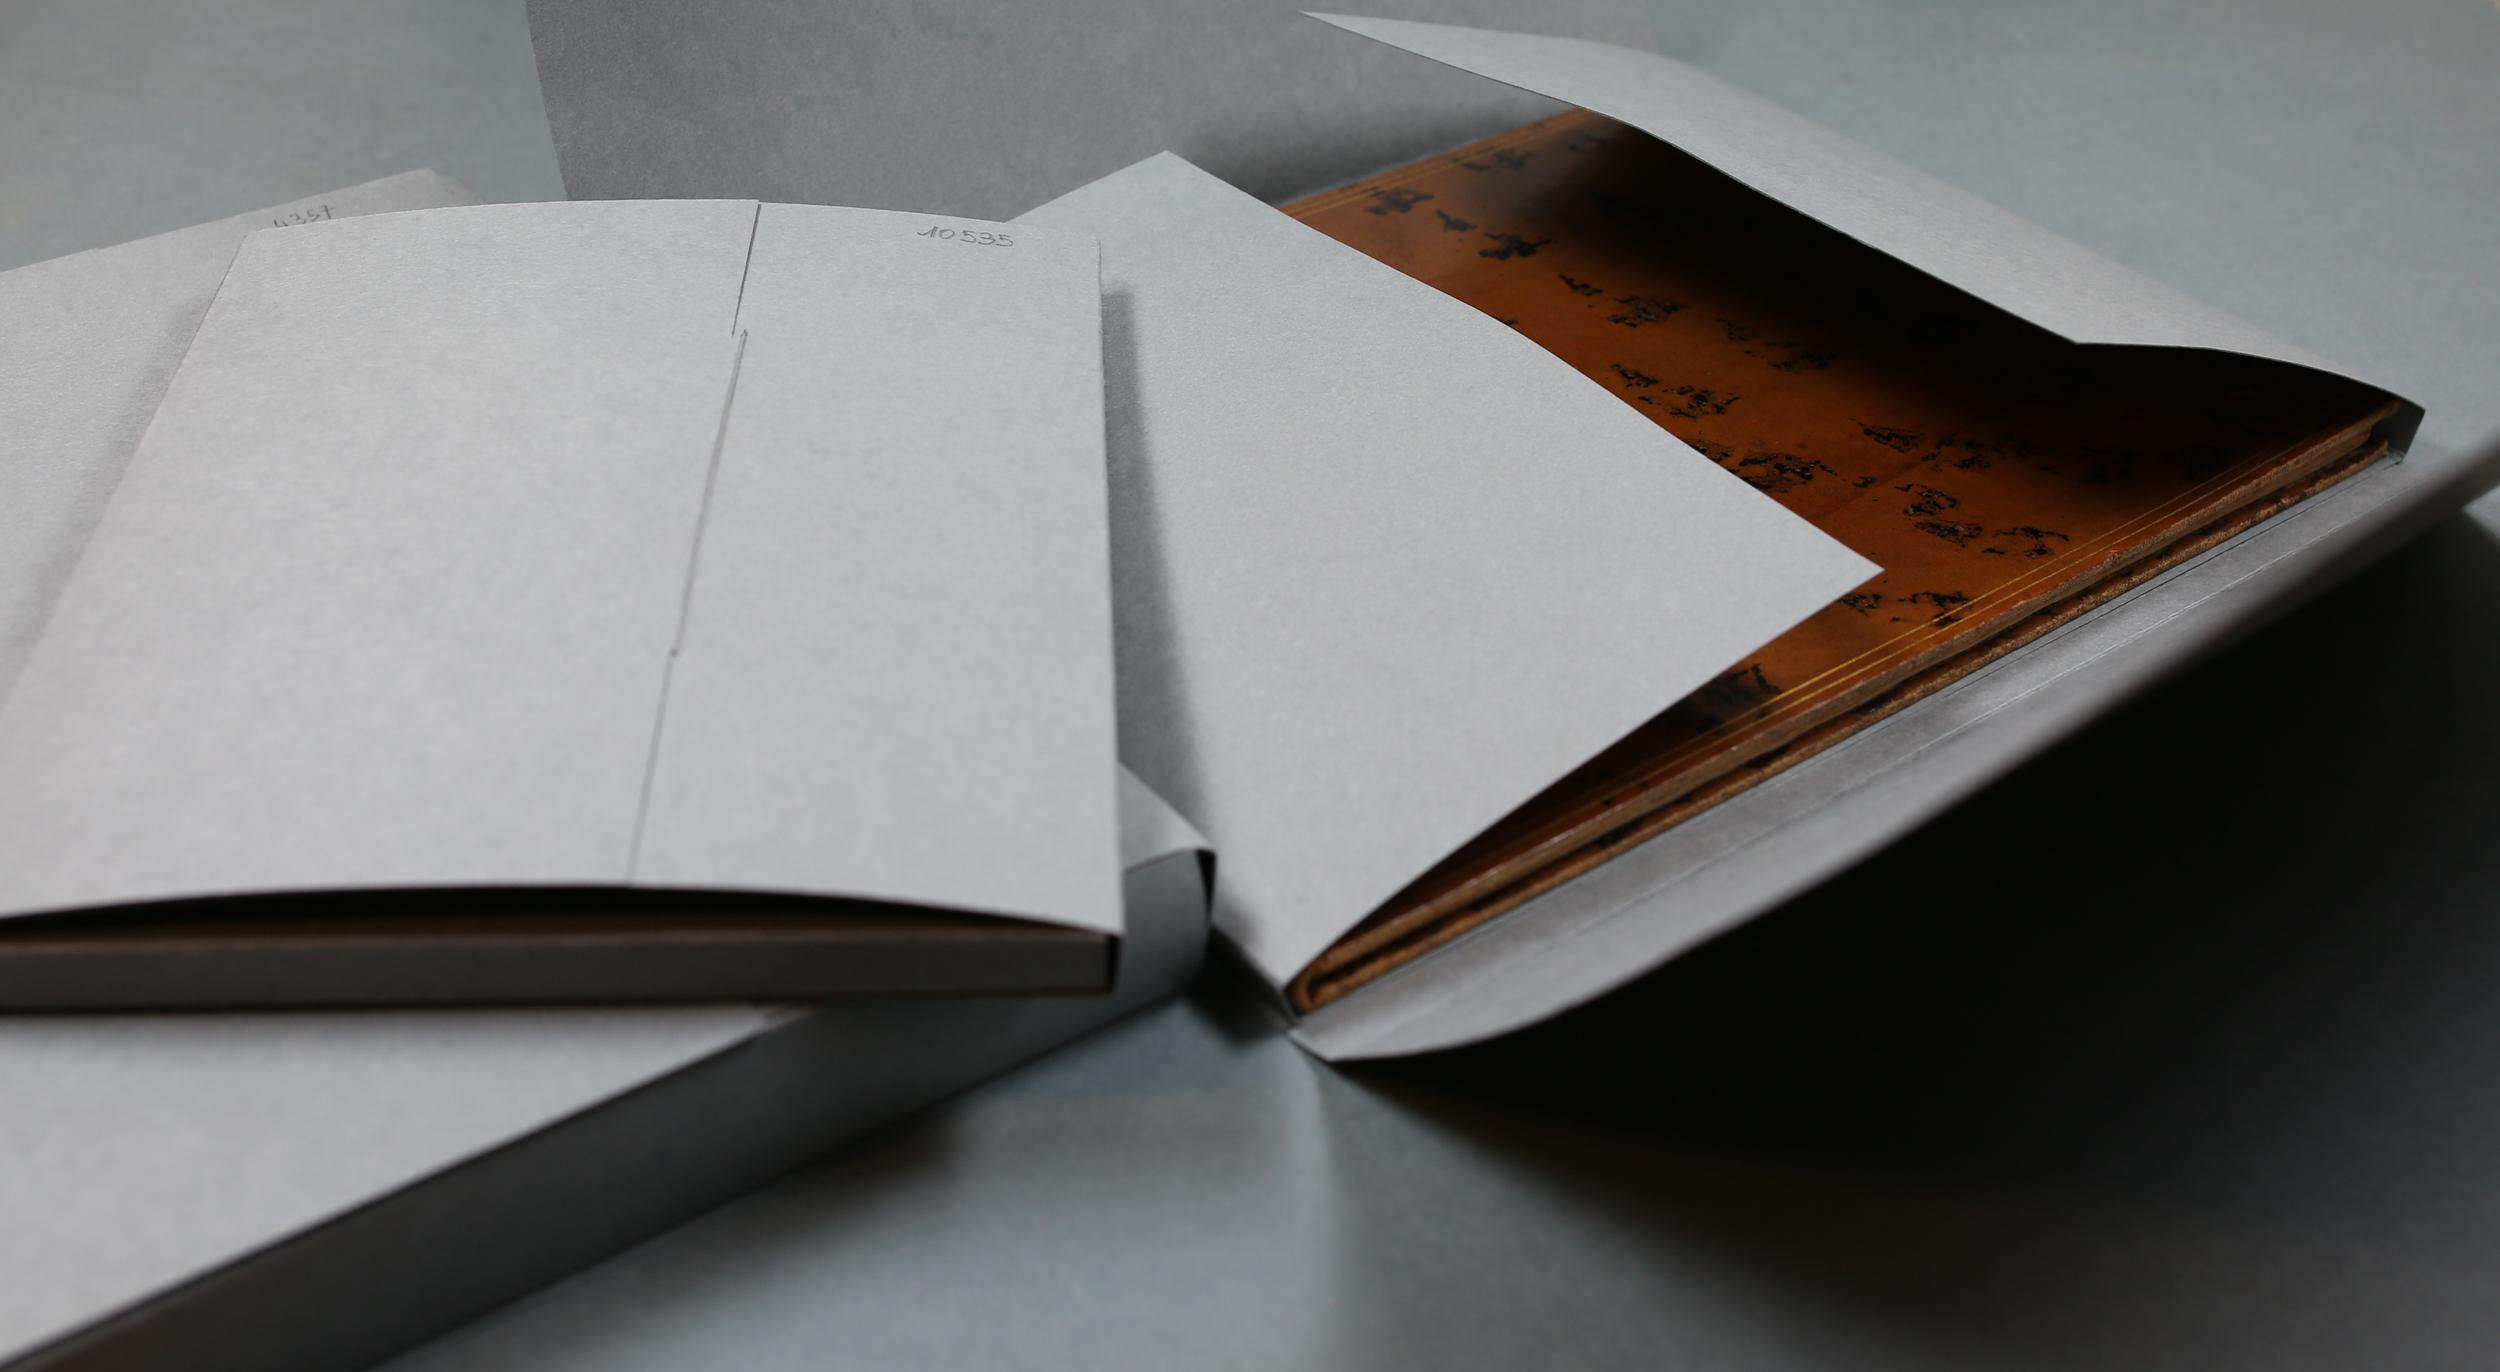 Le conditionnement des recueils